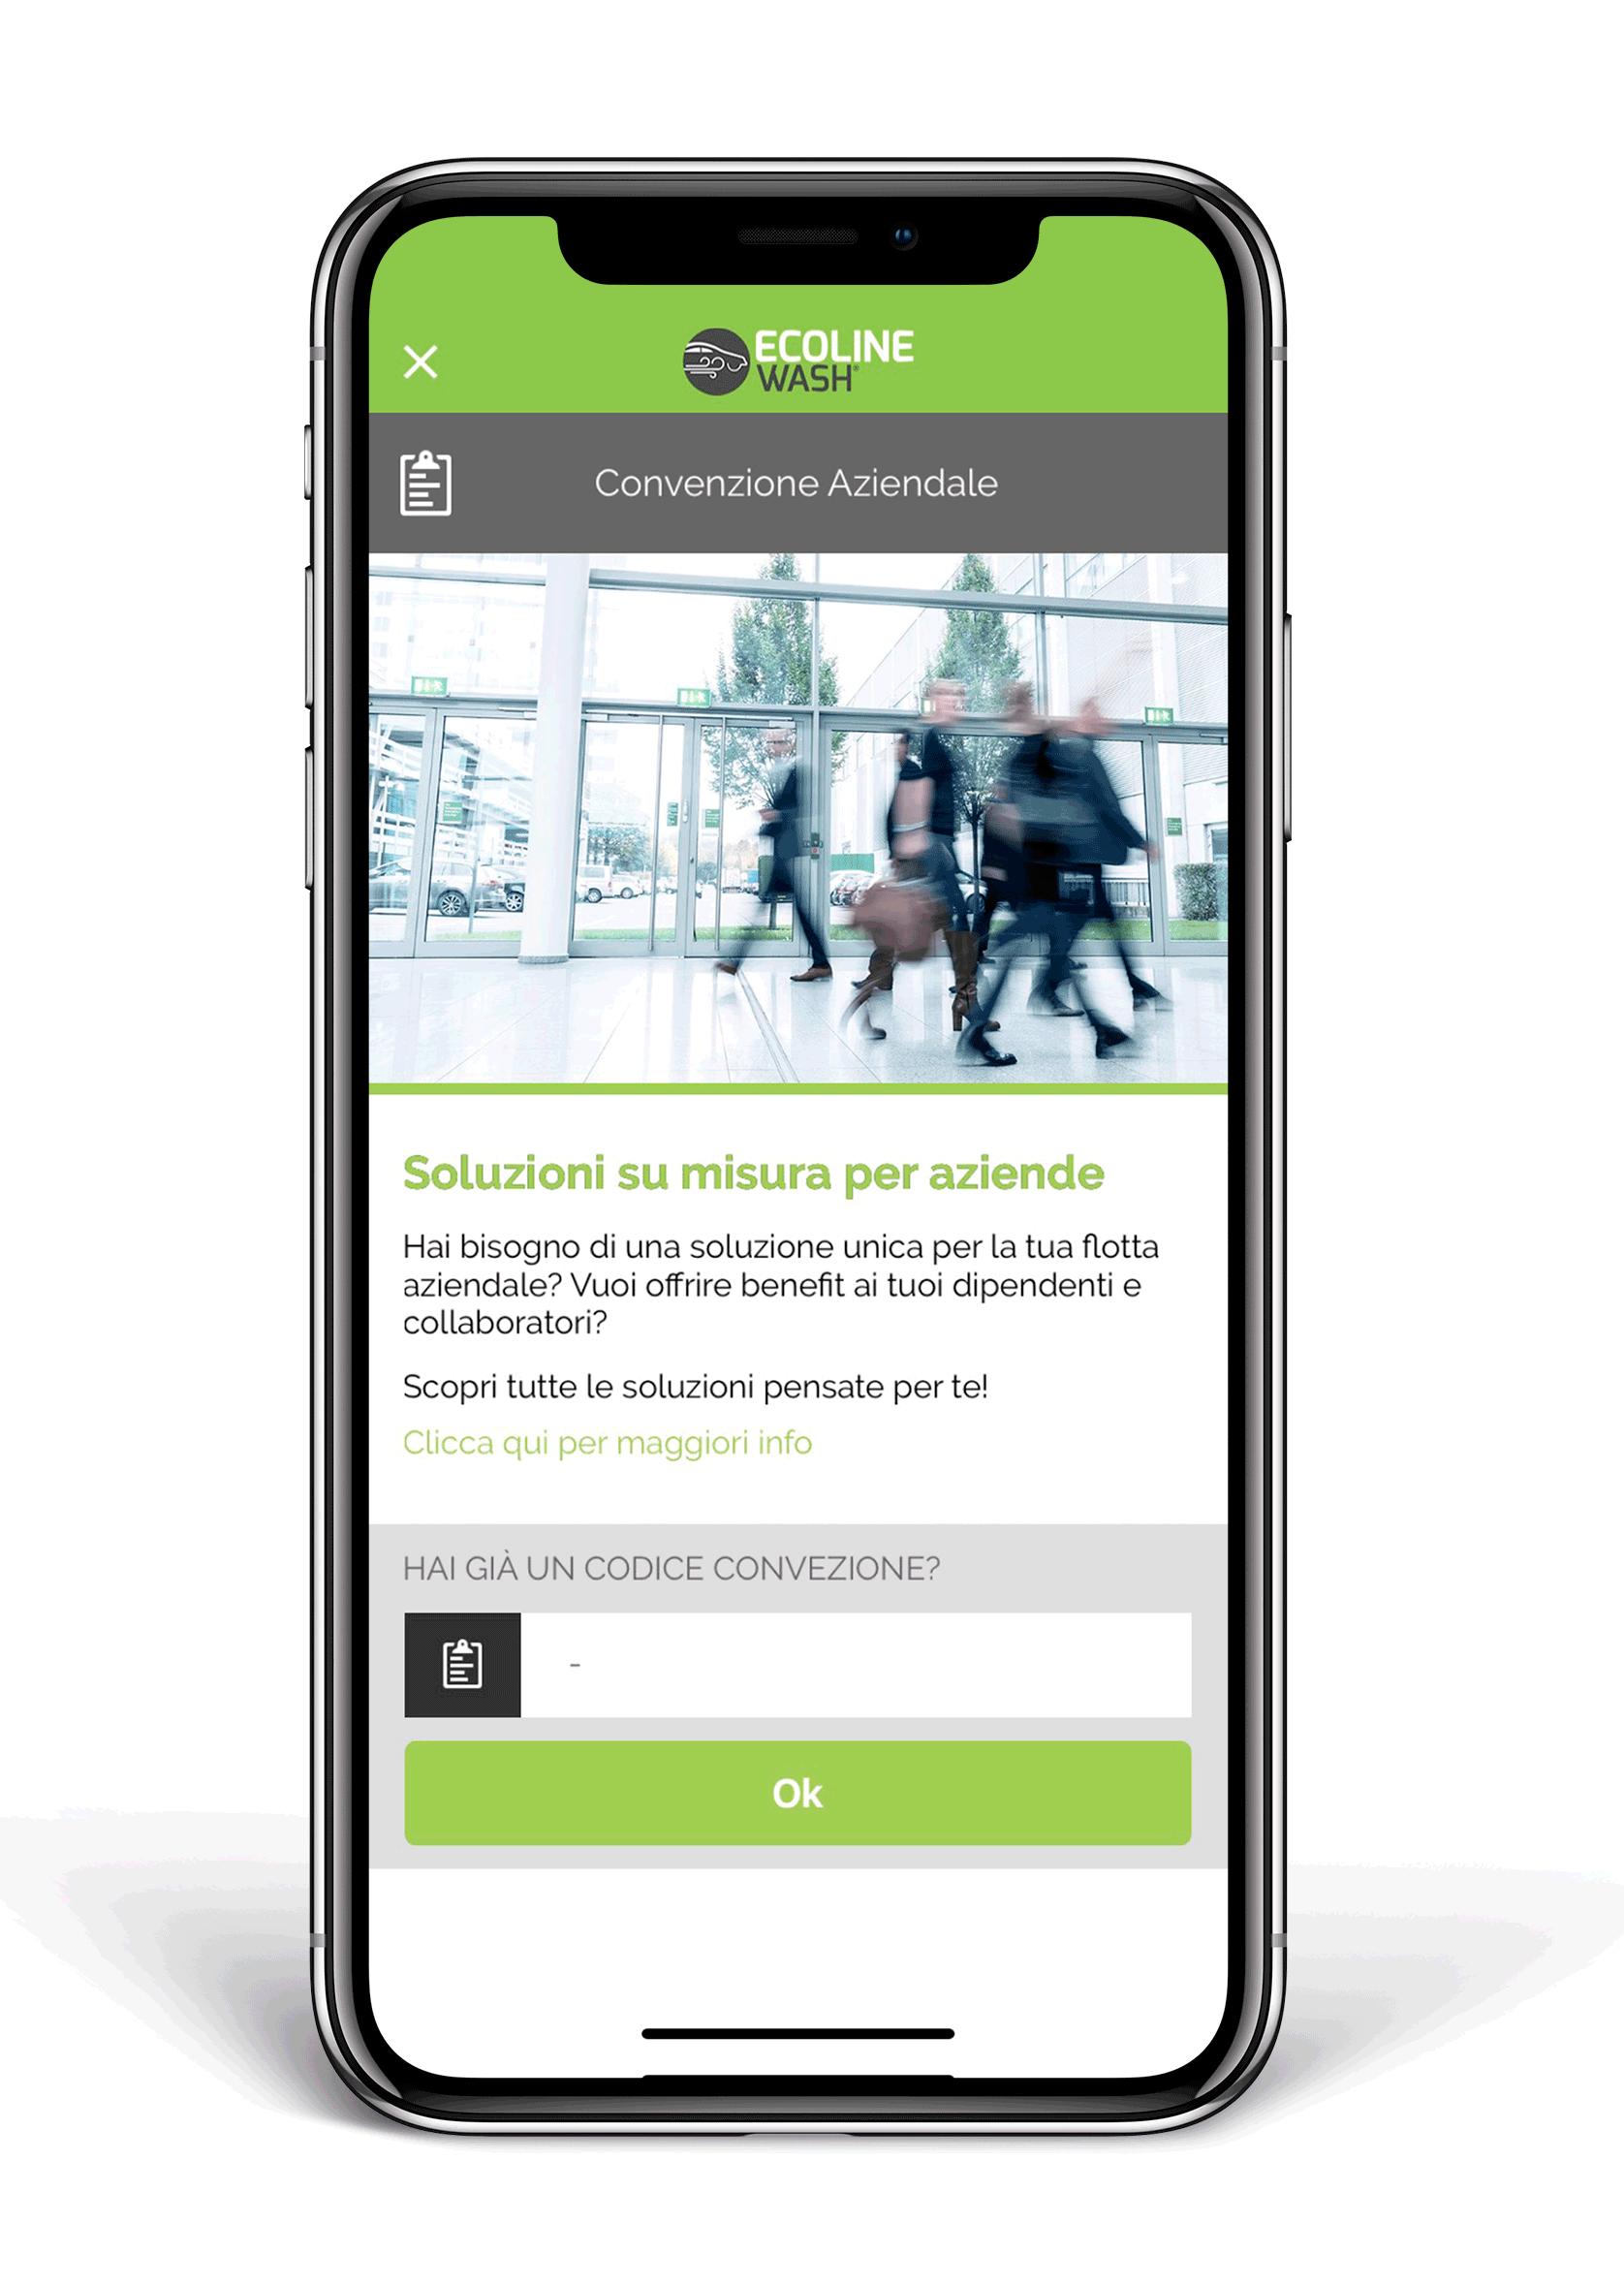 App Ecoline Wash per aziende